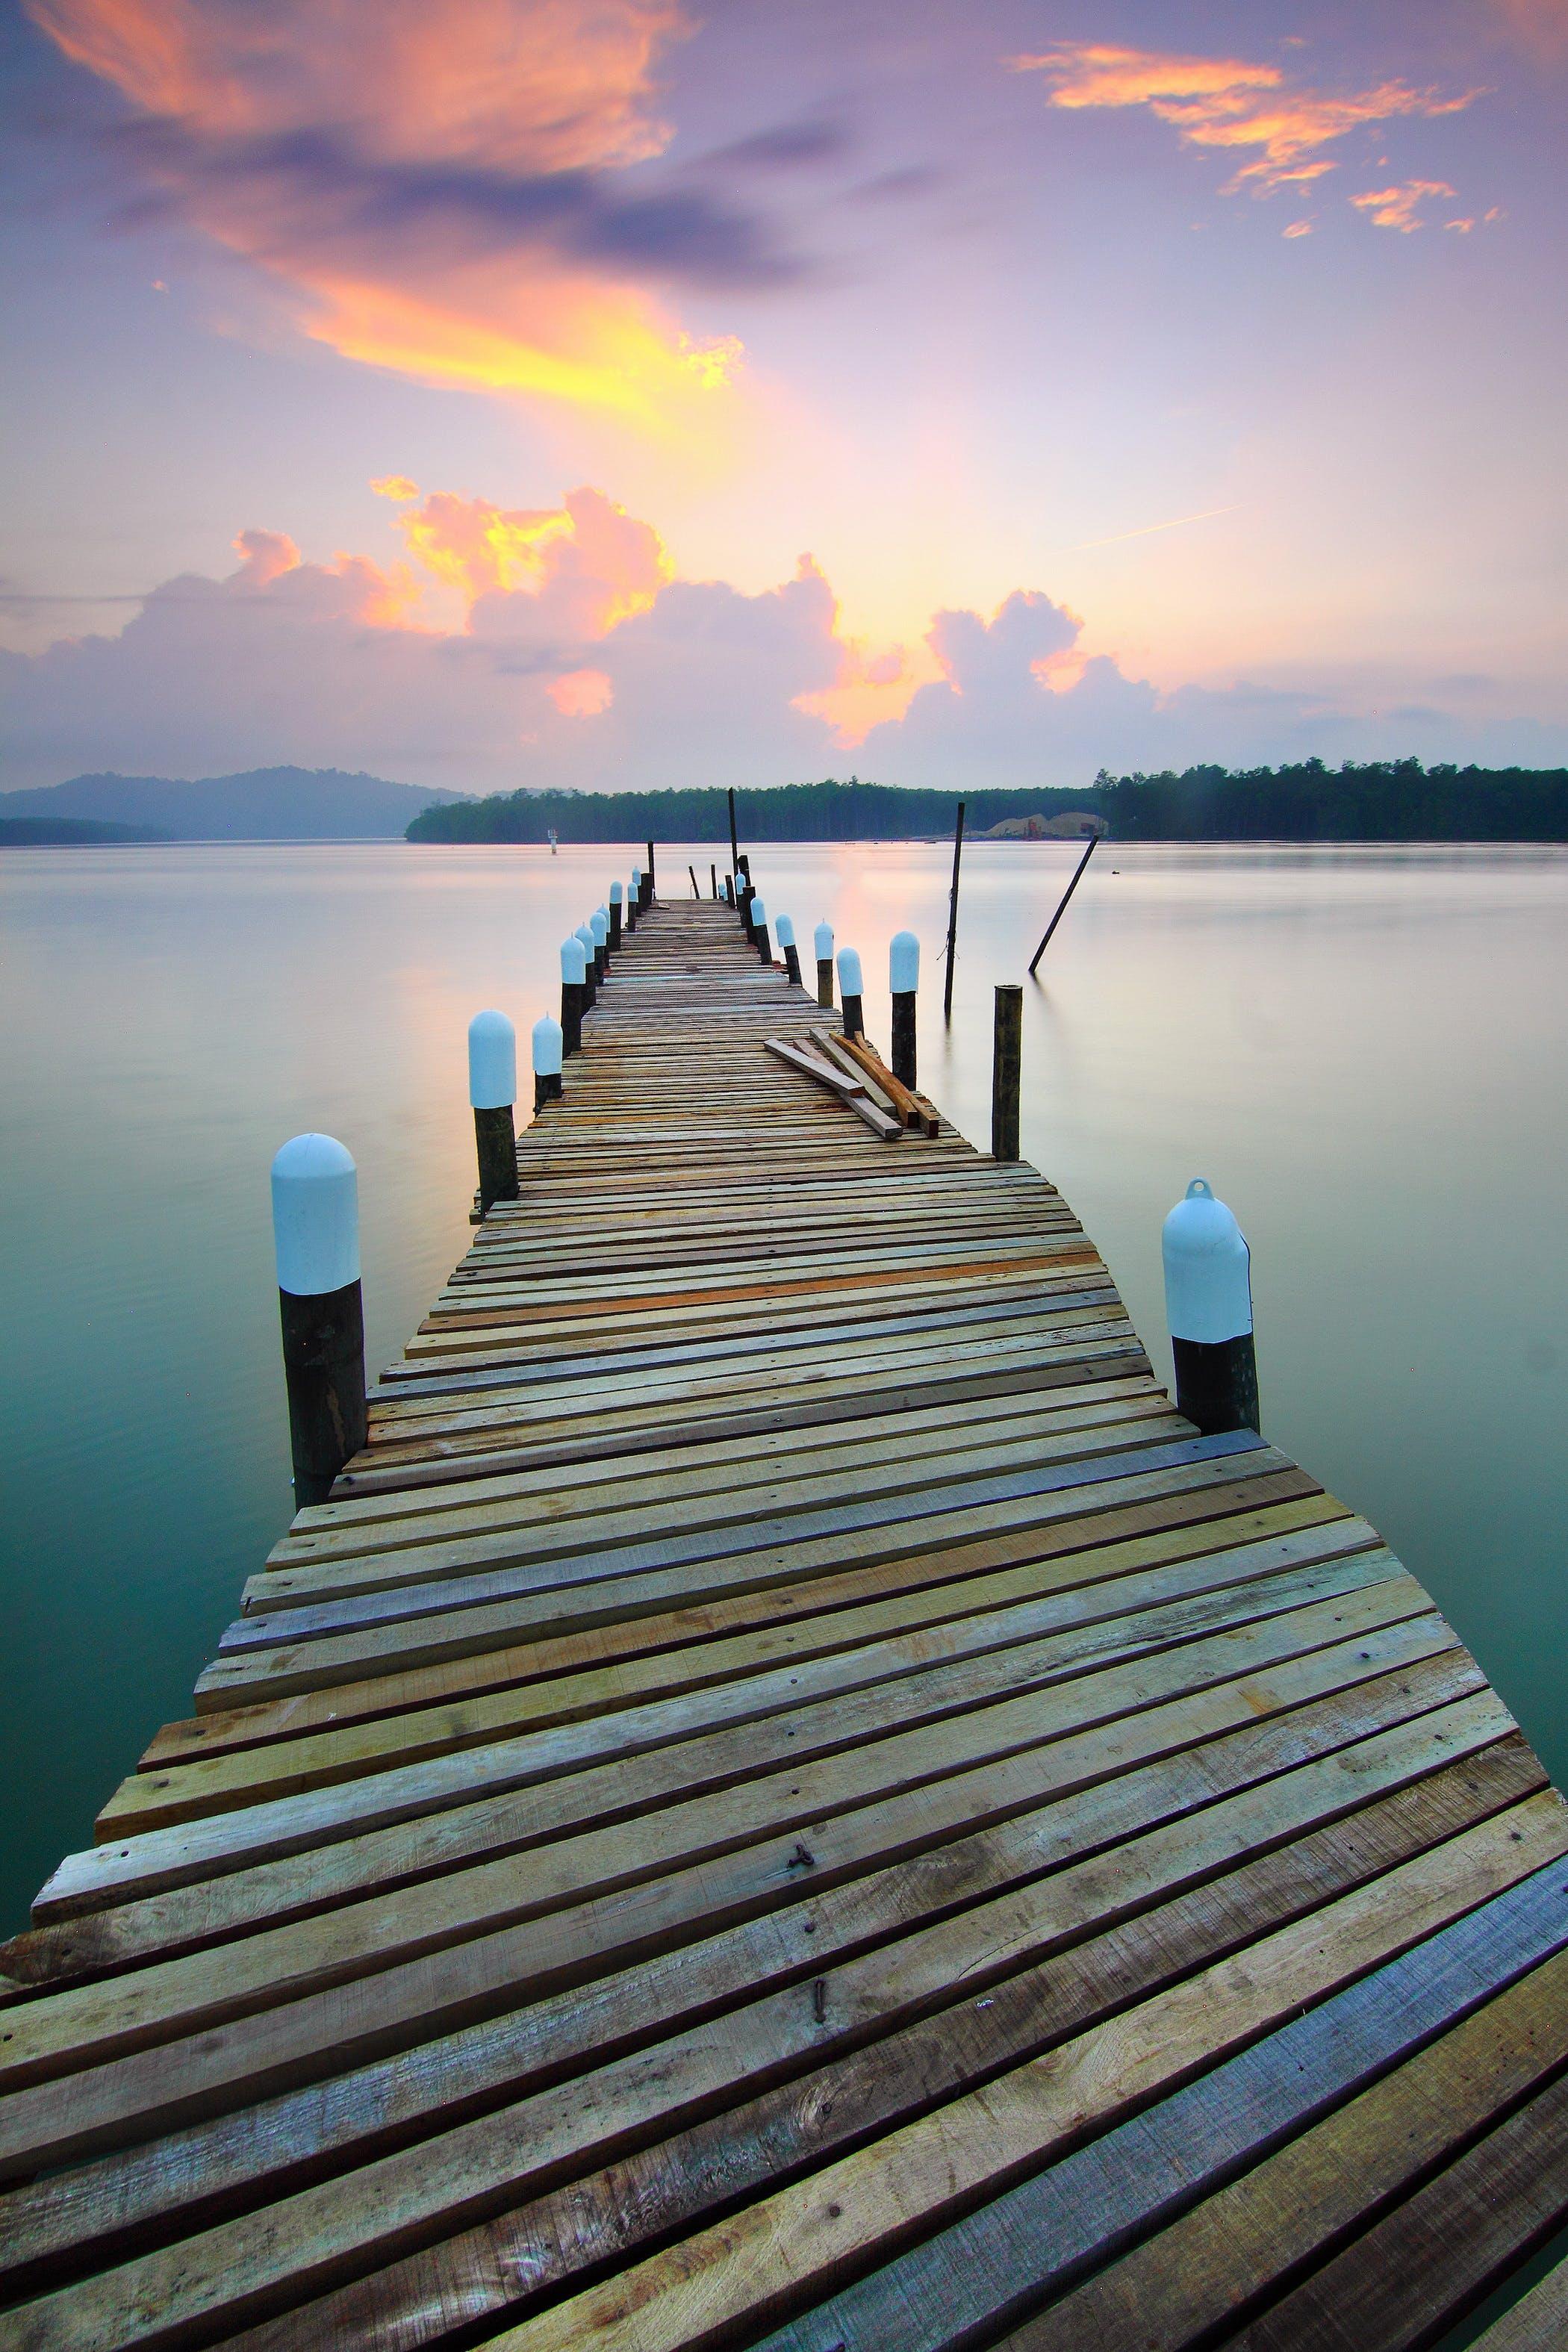 Kostenloses Stock Foto zu anlegesteg, dock, himmel, landschaft